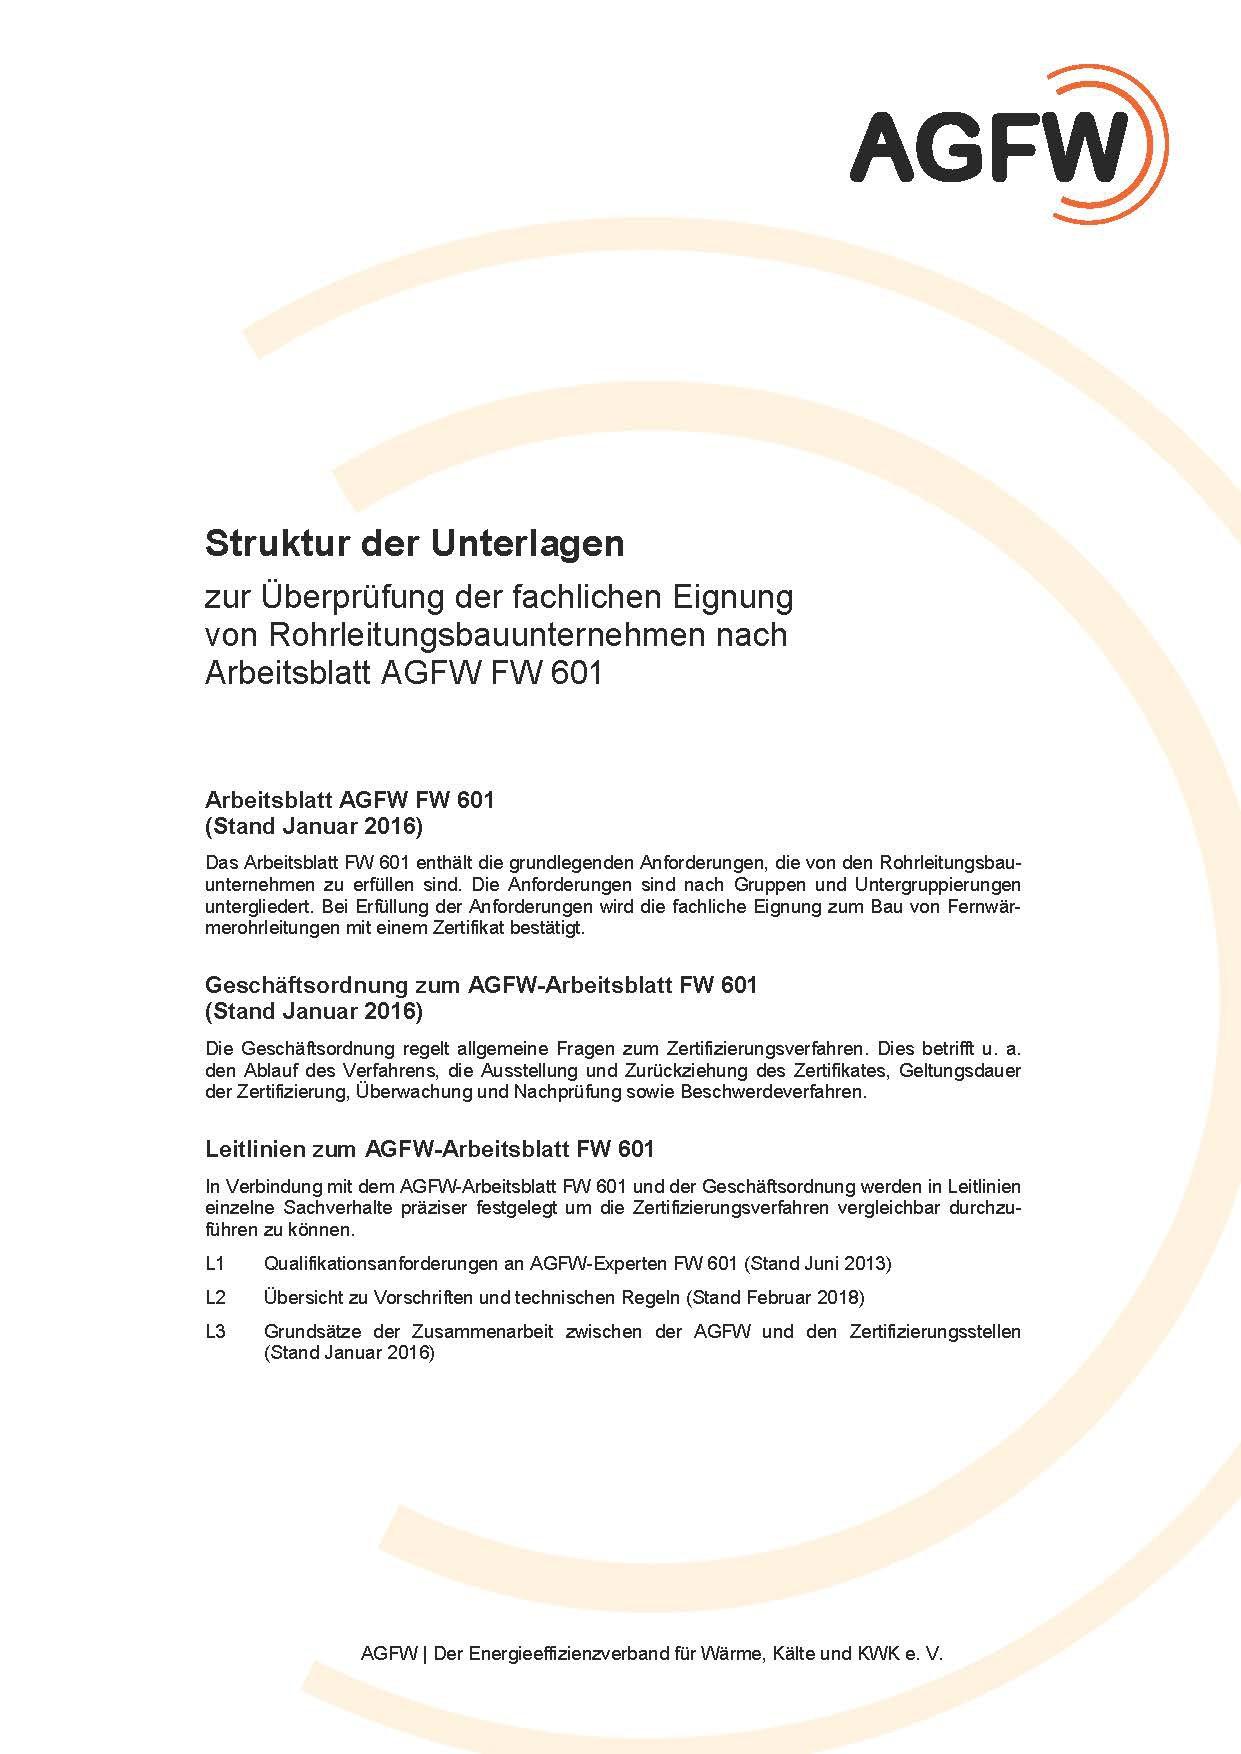 FW 601 - Unternehmen zur Errichtung, Instandsetzung und Einbindung ...